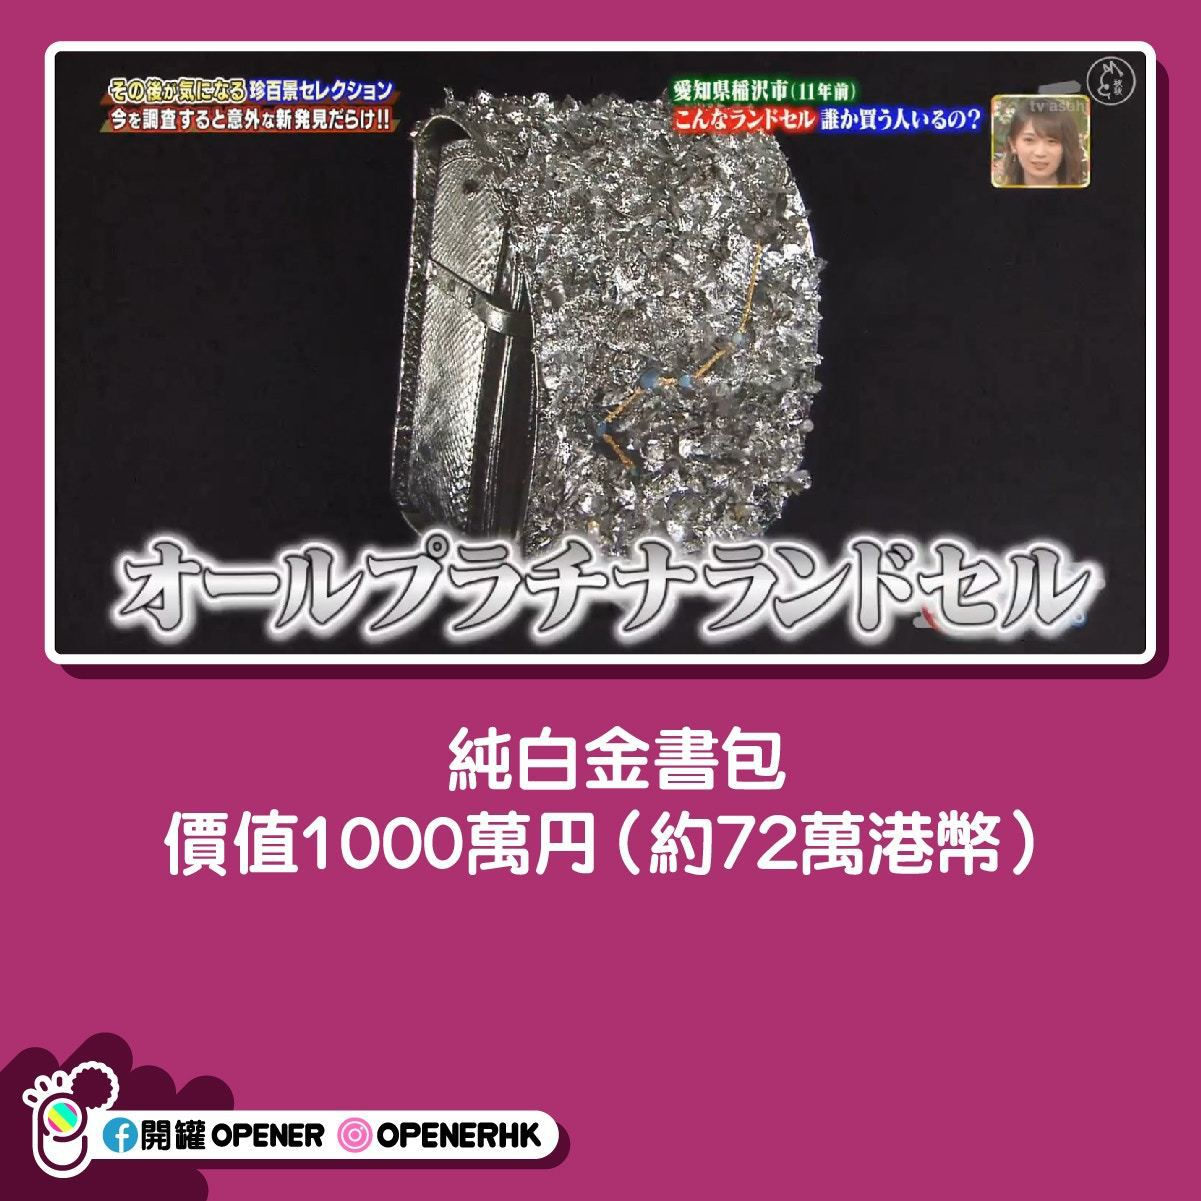 純白金書包,約台幣290萬。 圖片提供/香港01